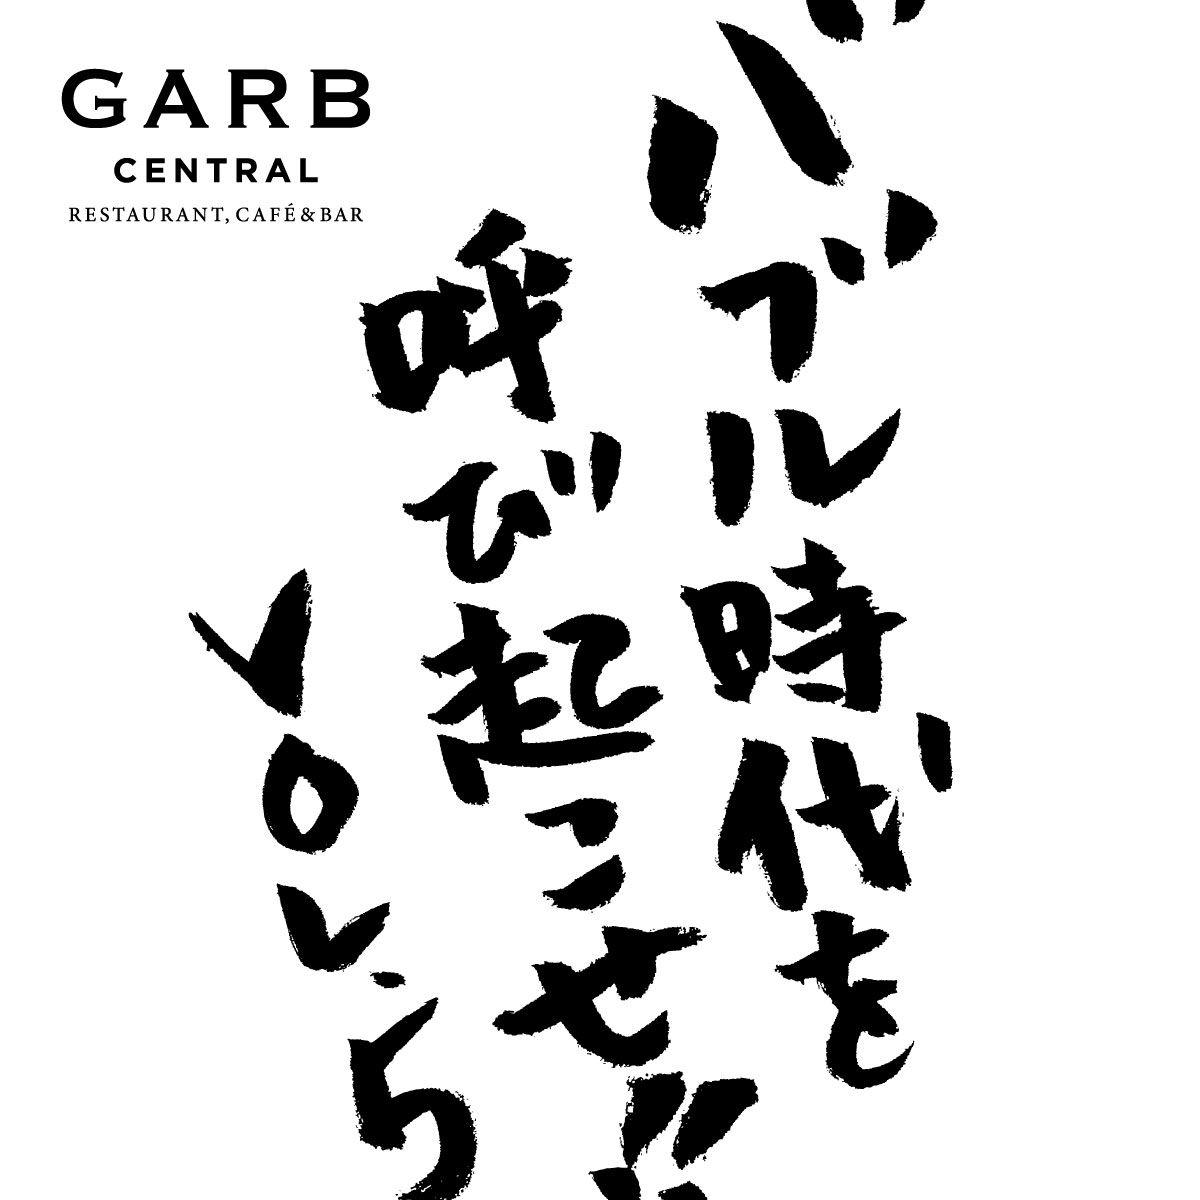 バブル時代を呼び起こせ!vol.5 2周年Ver. @GARB CENTRAL